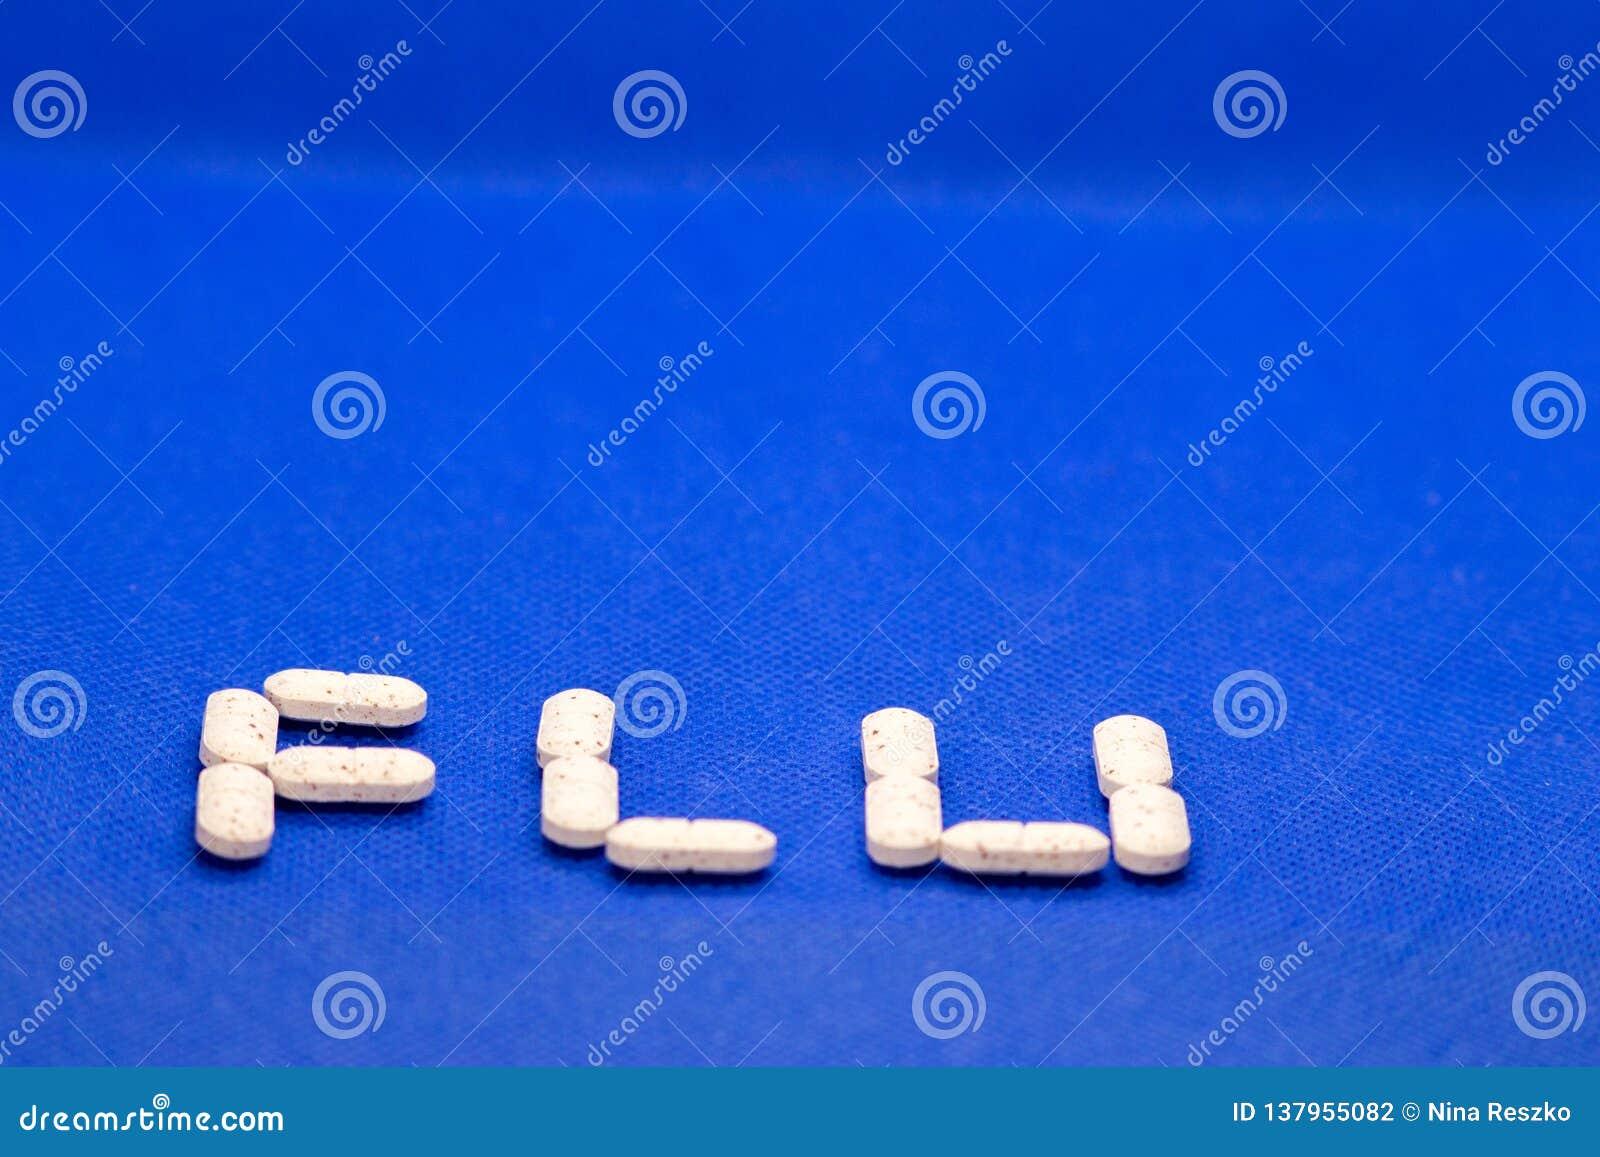 Set Of Cold Medicine And Flu Virus On Blue Background